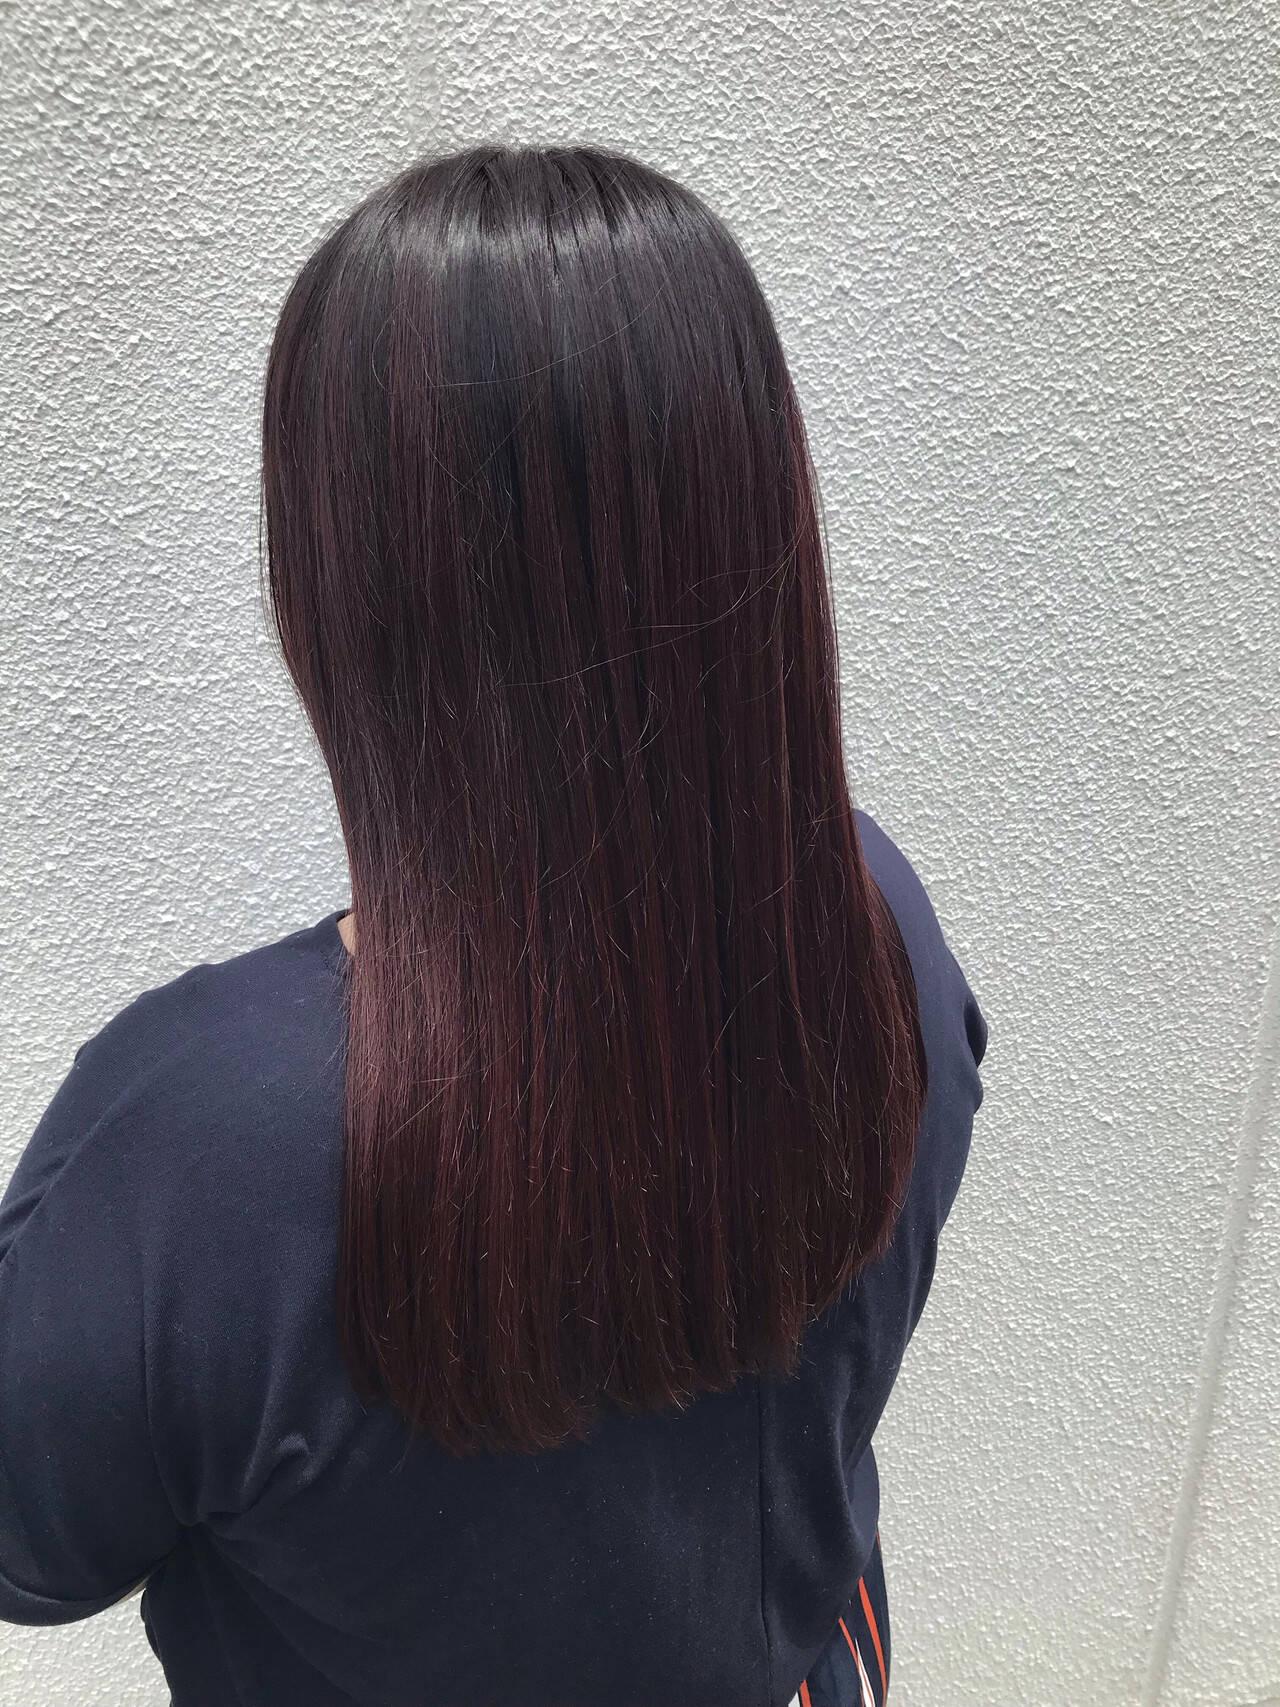 ボブ グラデーションカラー ナチュラル 暗色カラーヘアスタイルや髪型の写真・画像